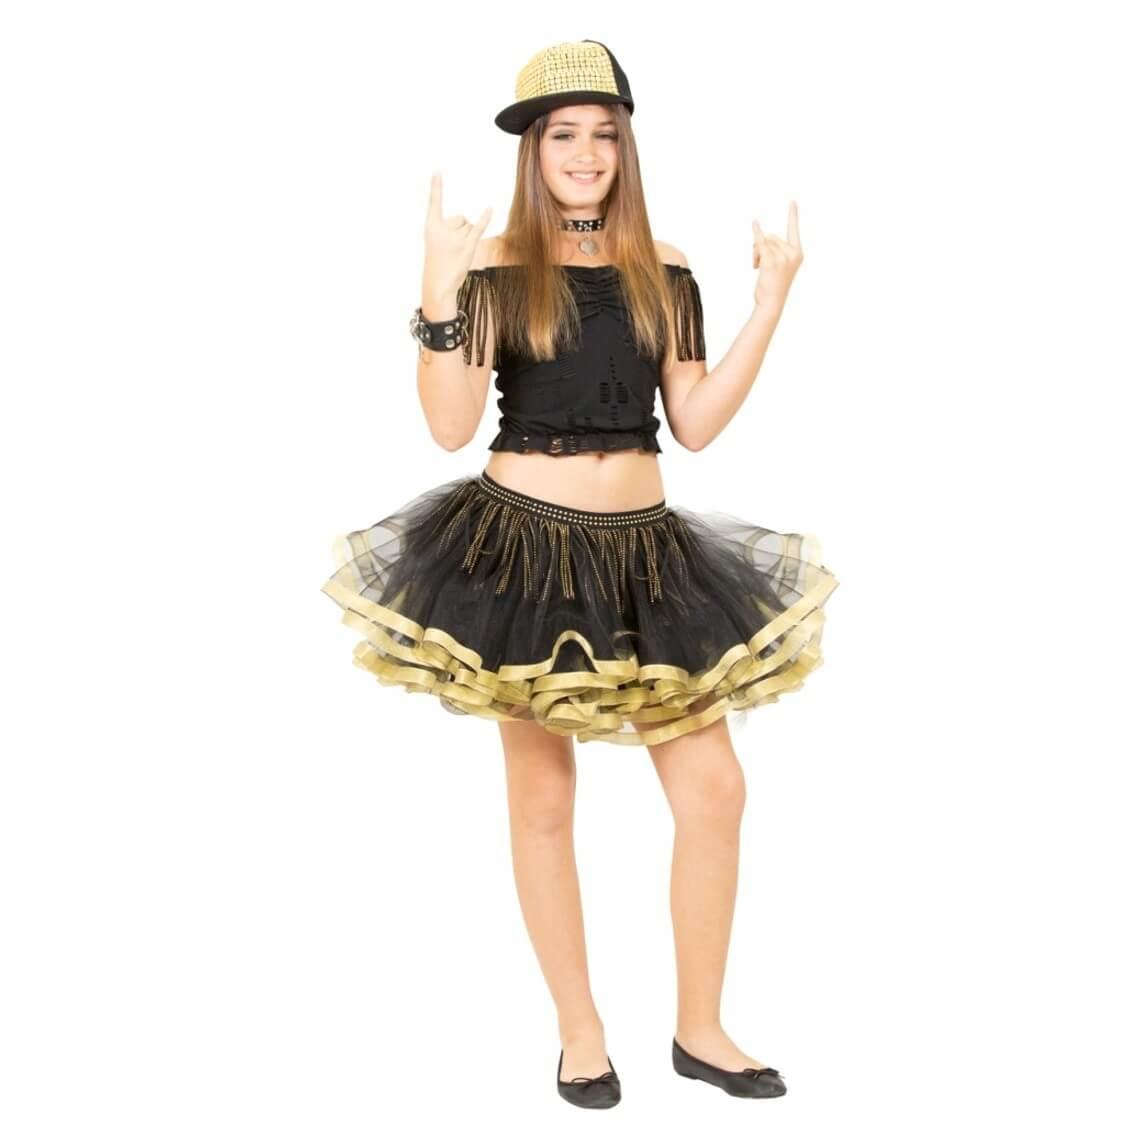 תחפושת נועה קירל כוכבת רוק שחורה זהובה לנערות  – פורים שושי זוהר